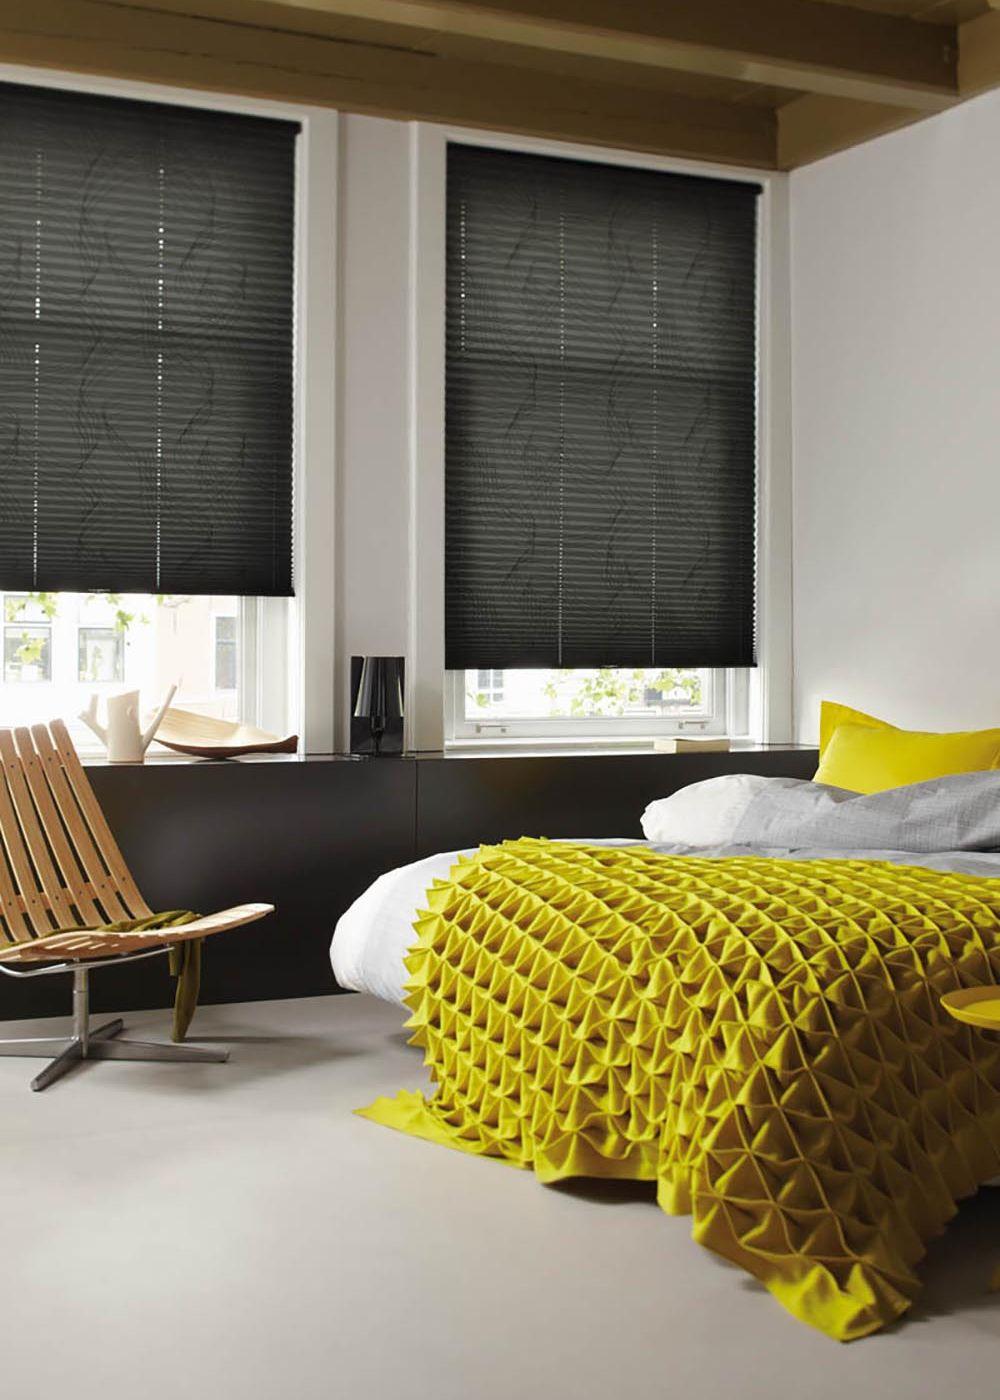 Geef je interieur meer stijl met raamdecoratie | Jalousien plissee ...